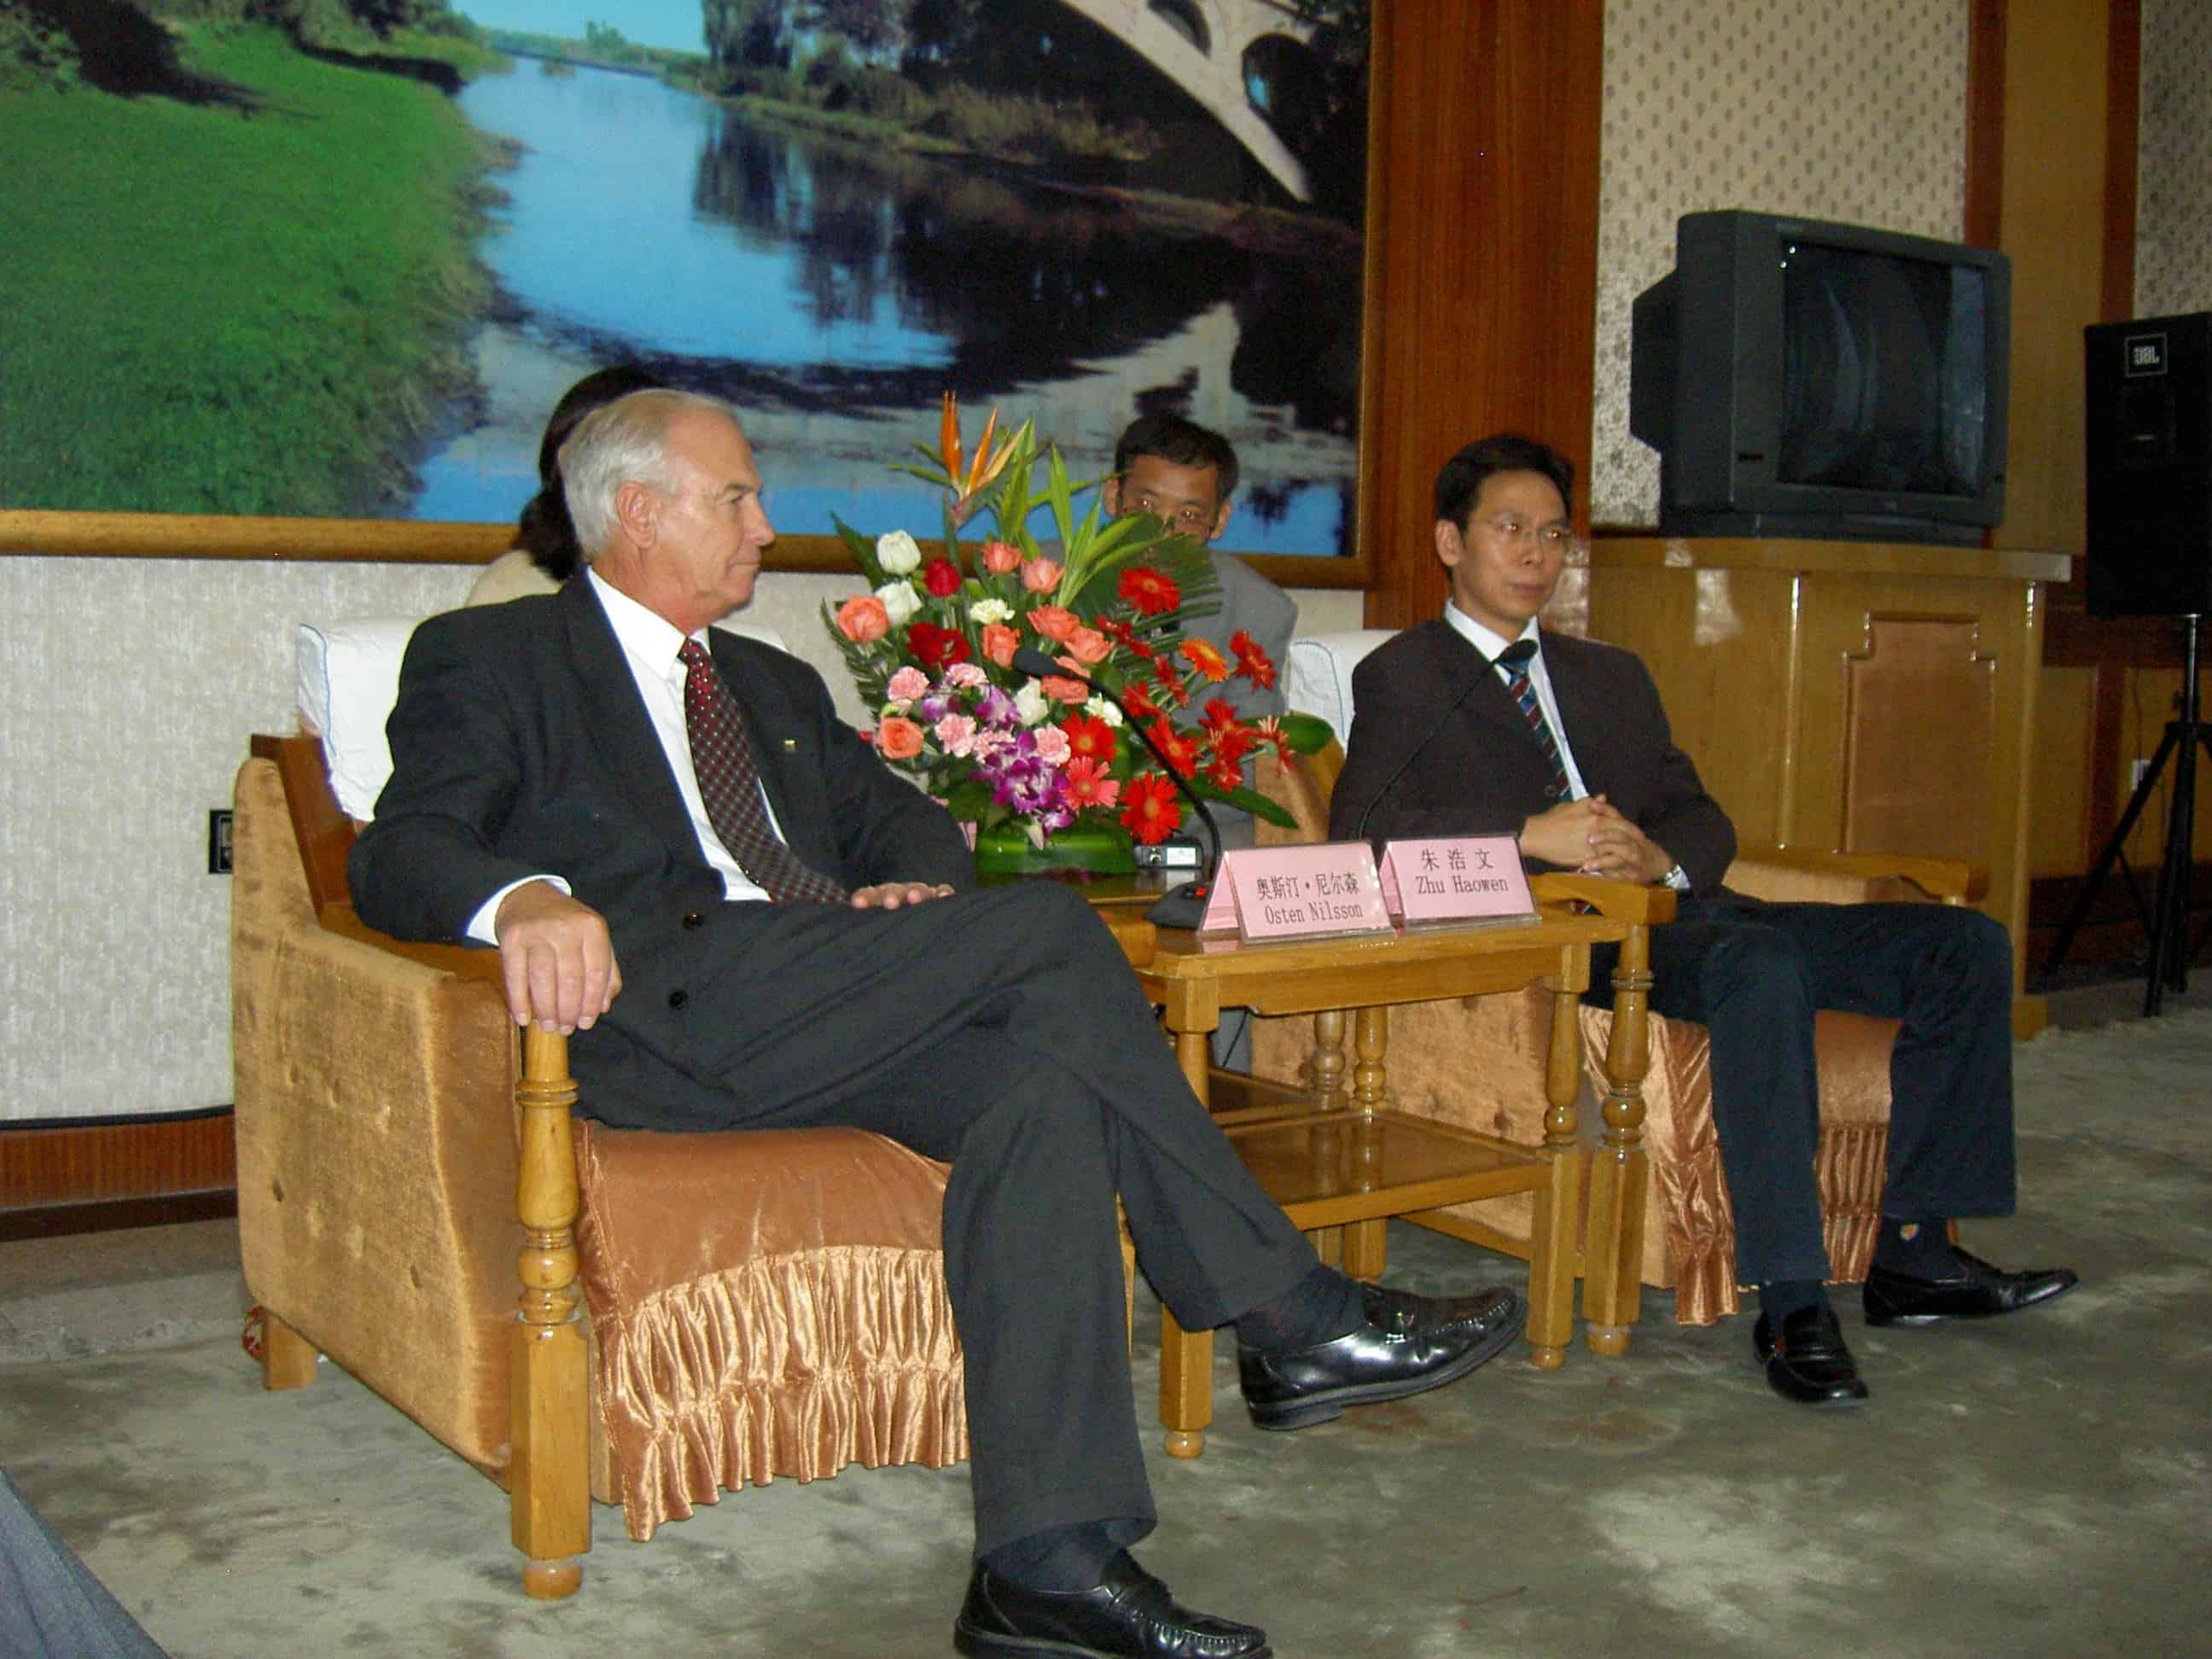 Falkenbergs officiella besök i vänskapsstaden Shijiazhuang sep 2006